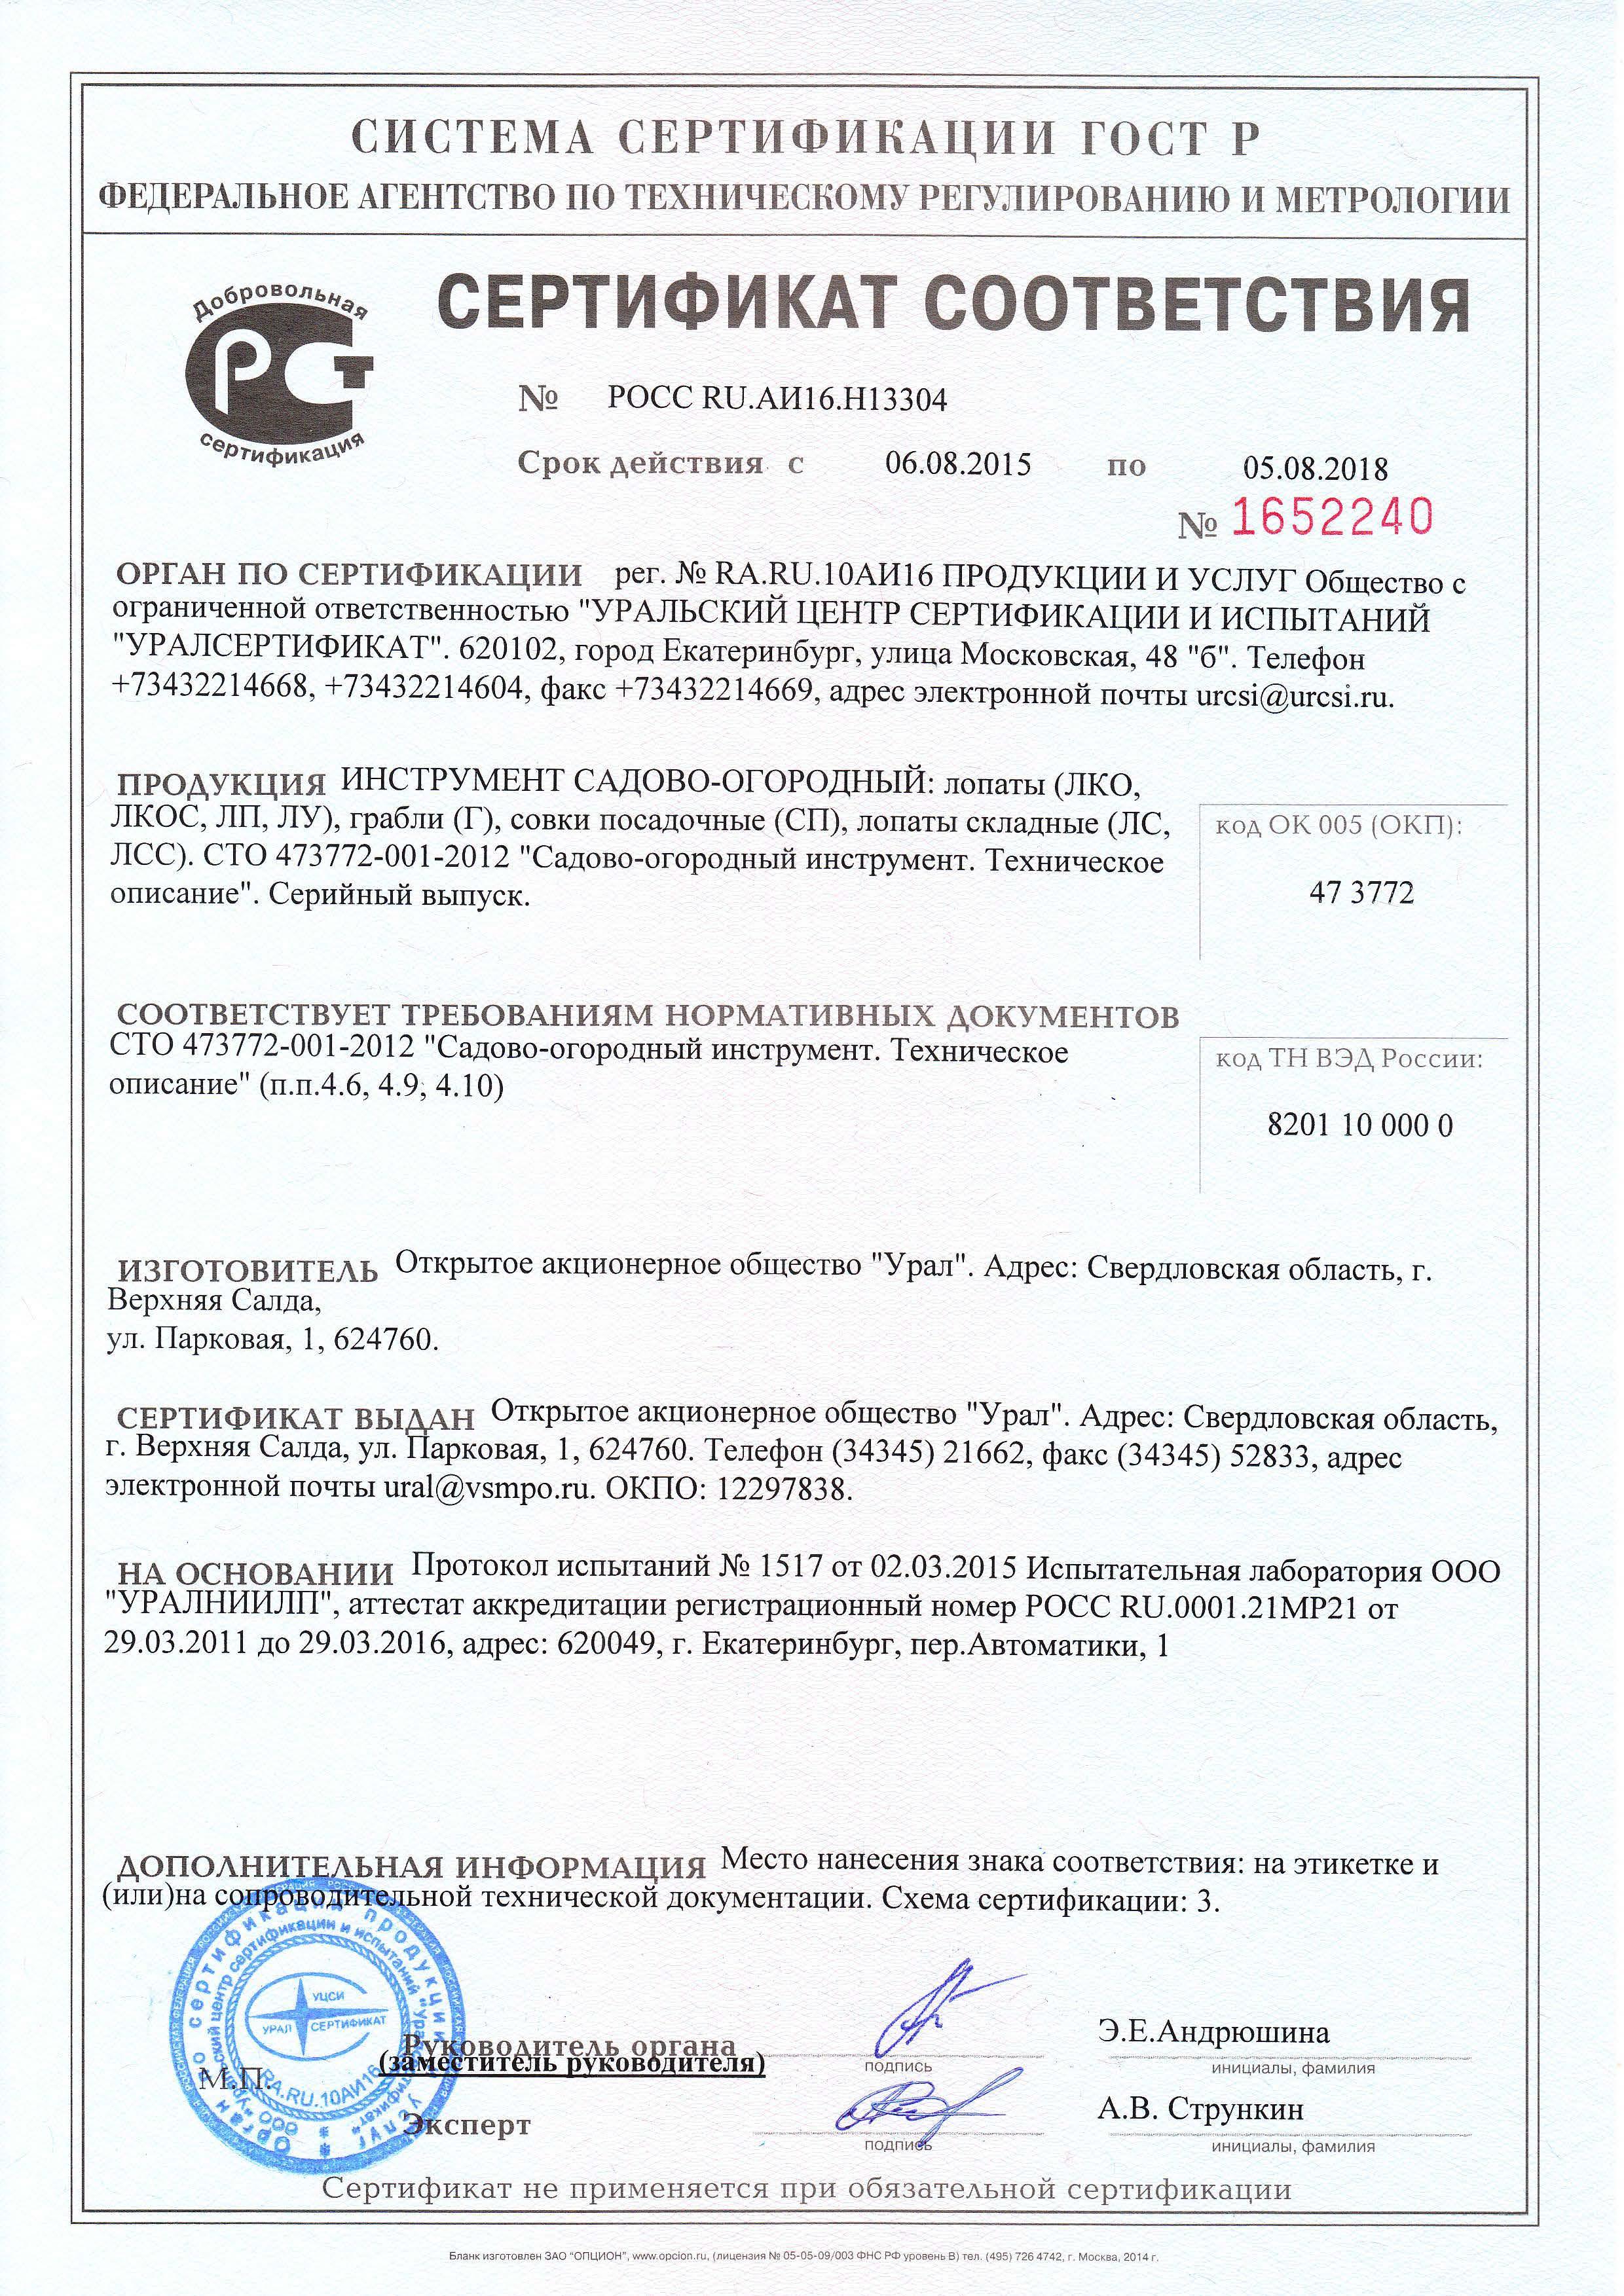 Сертификат СОИ